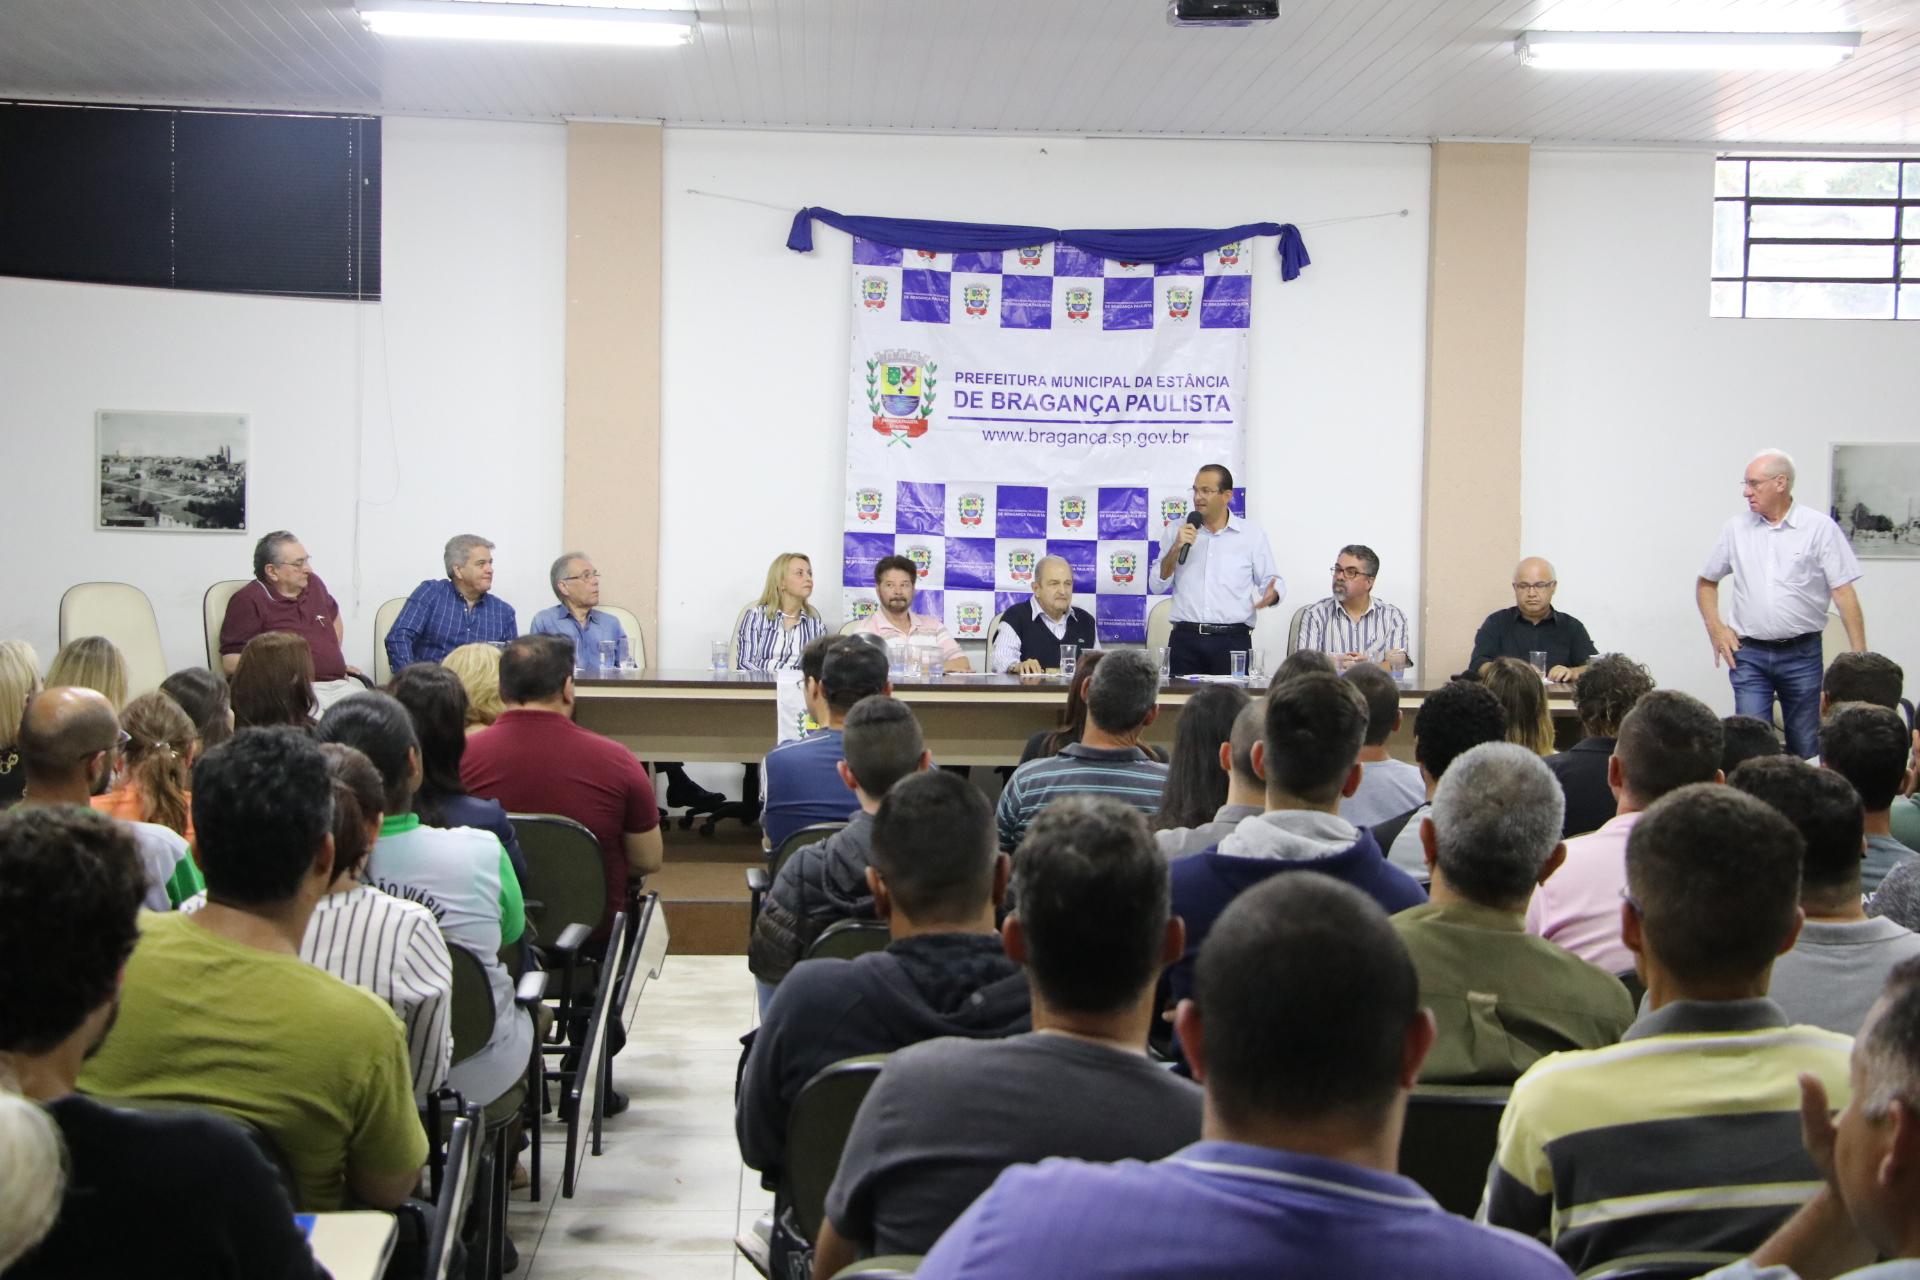 08.11.2019 Posse novos funcionarios publico (5)